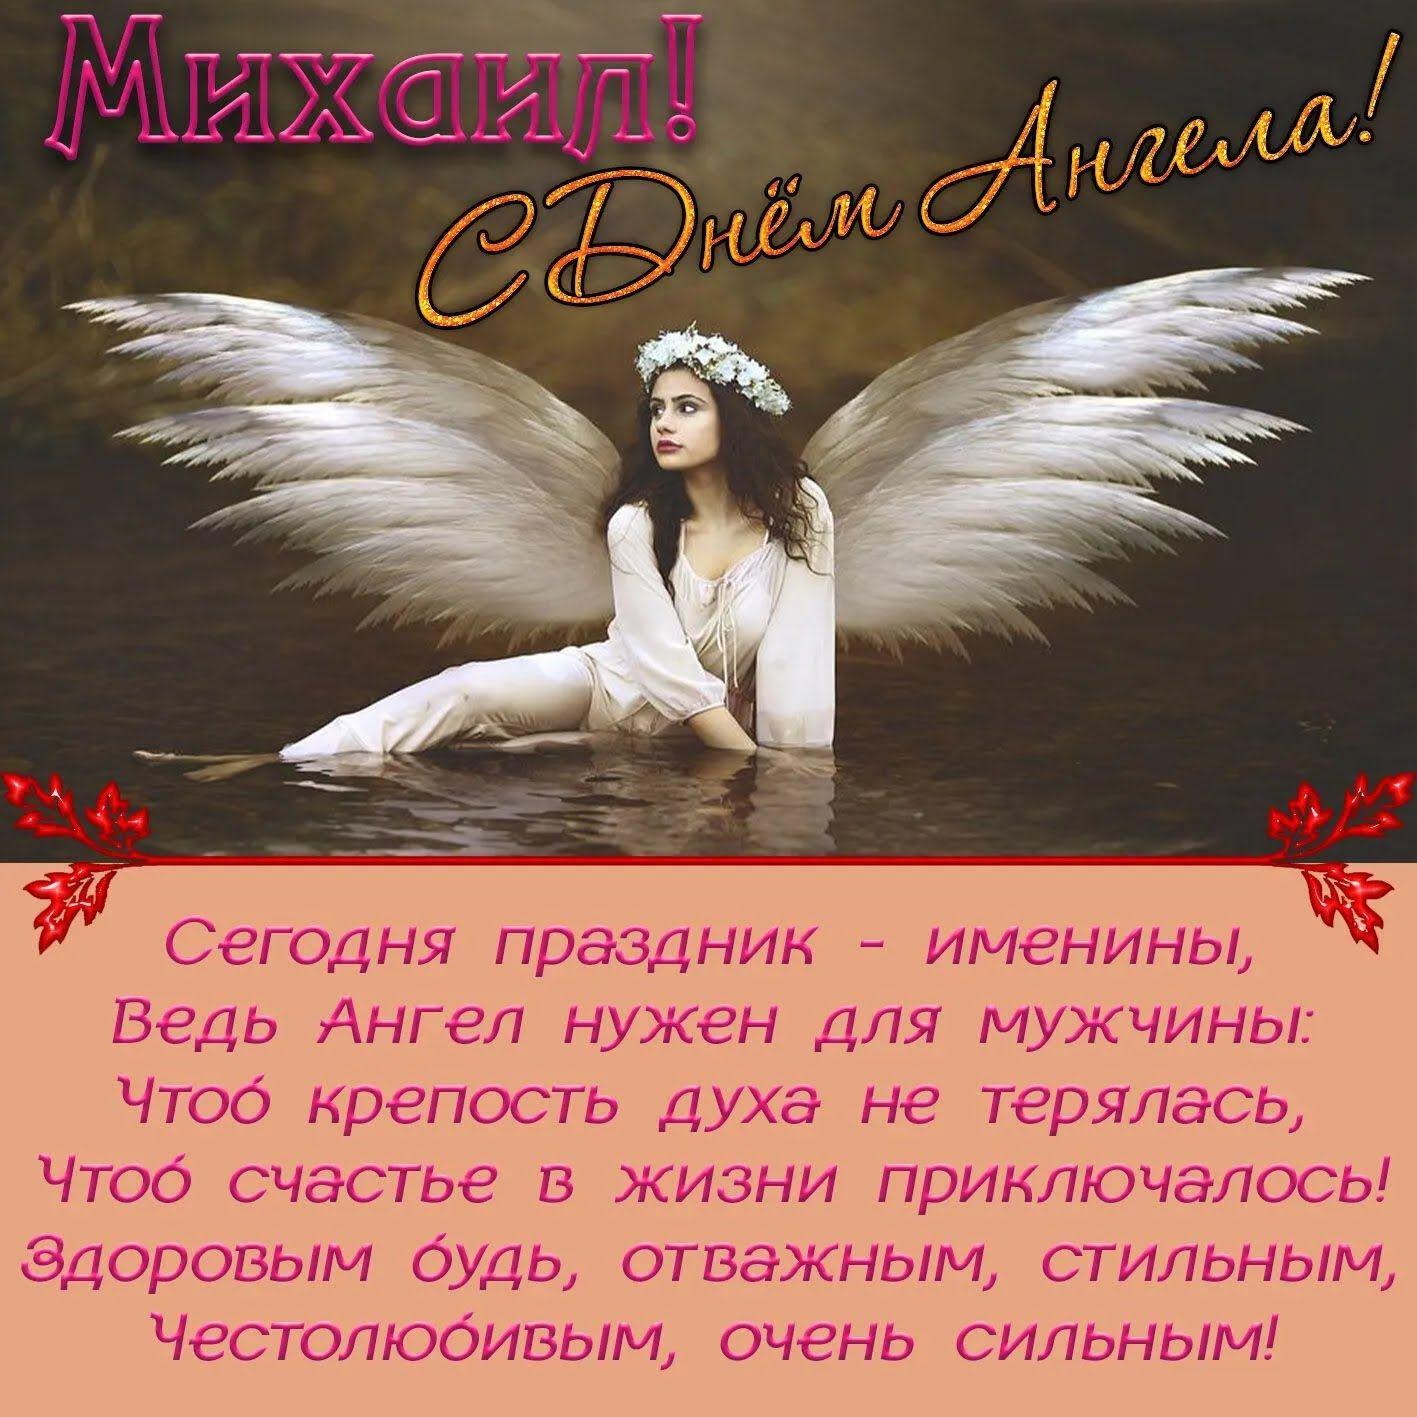 З Днем ангела Михайла 2020